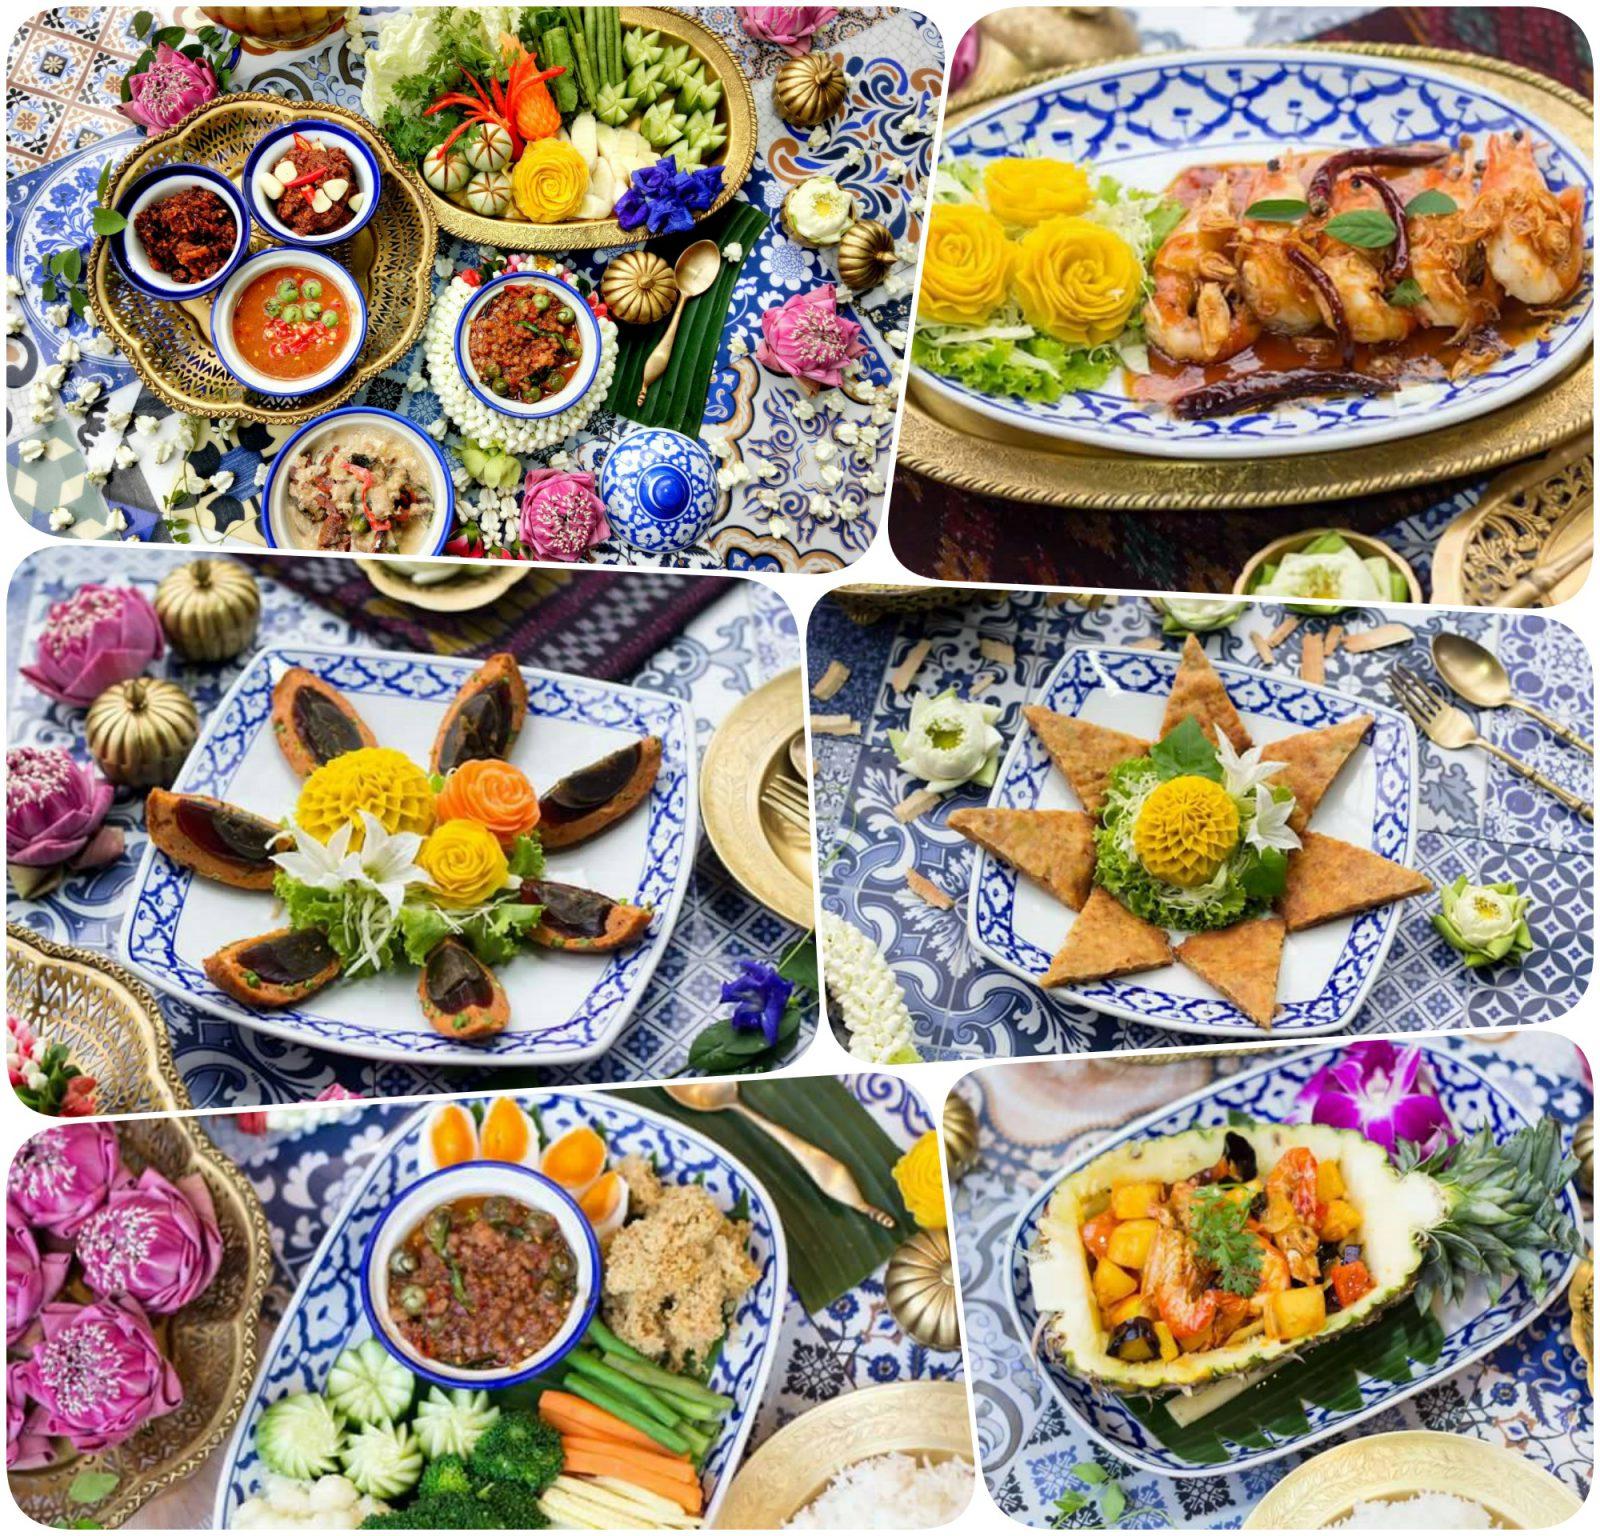 ชุดเครื่องใช้ทองเหลืองไทย เครื่องครัวทองเหลือง สวยงาม สำรับอาหารคาวหวาน สร้างสรรค์แบบวิถีไทย +ภาพสวย Cr.Panupon